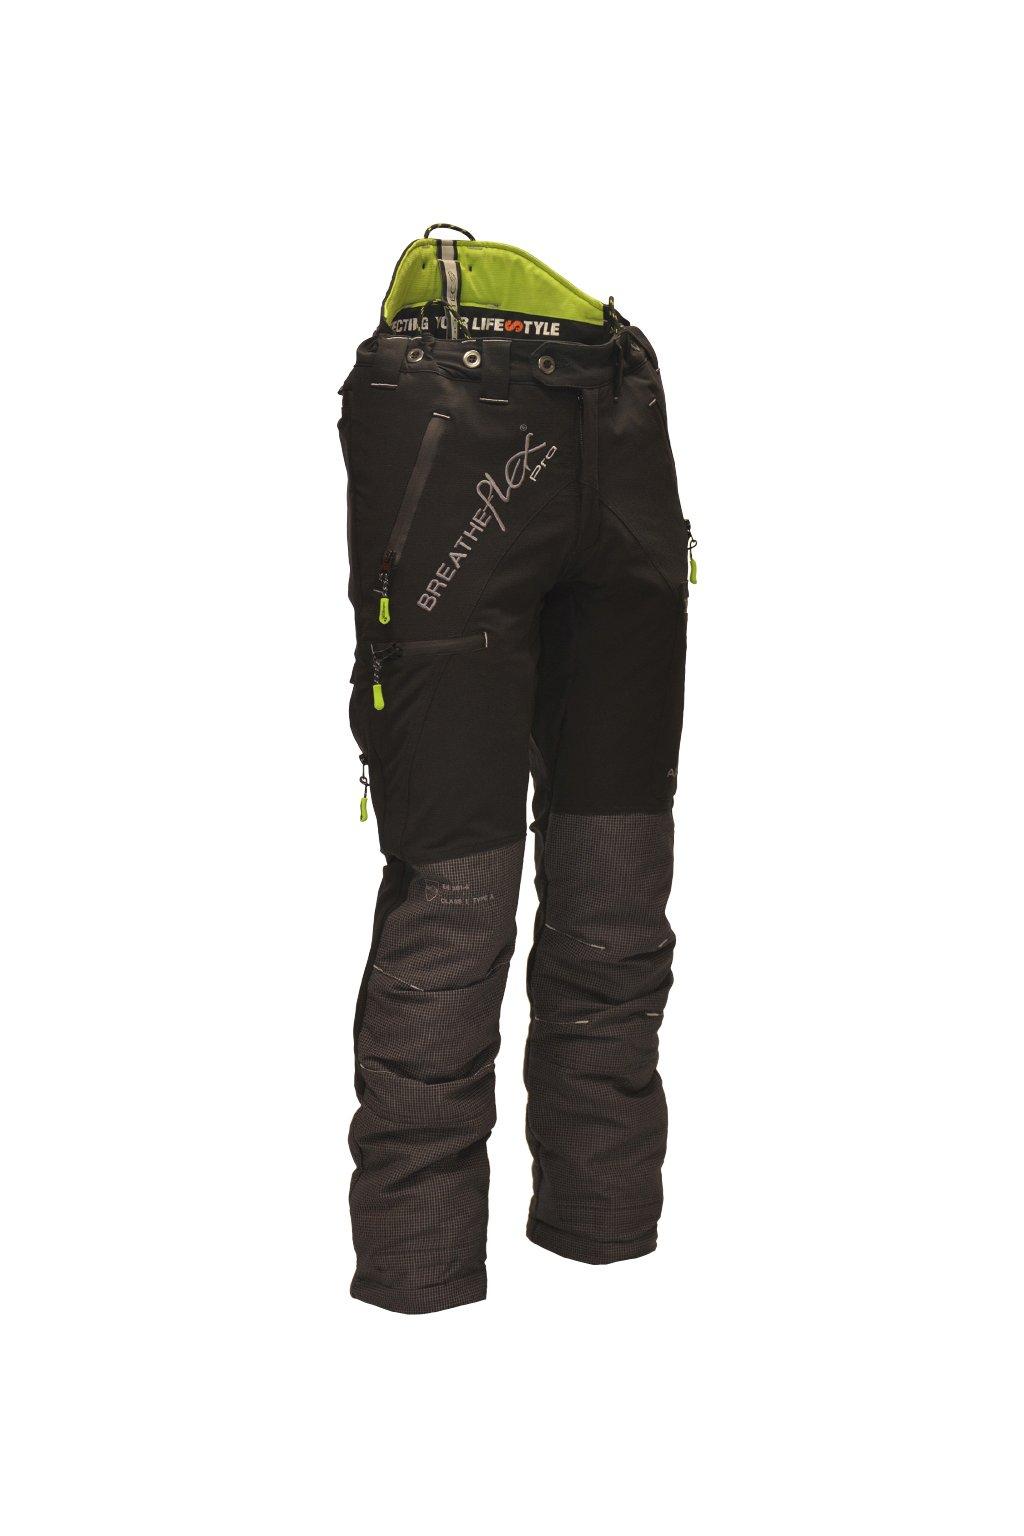 Protipořezové kalhoty Breatheflex Pro černé Class1/TypeC Tall